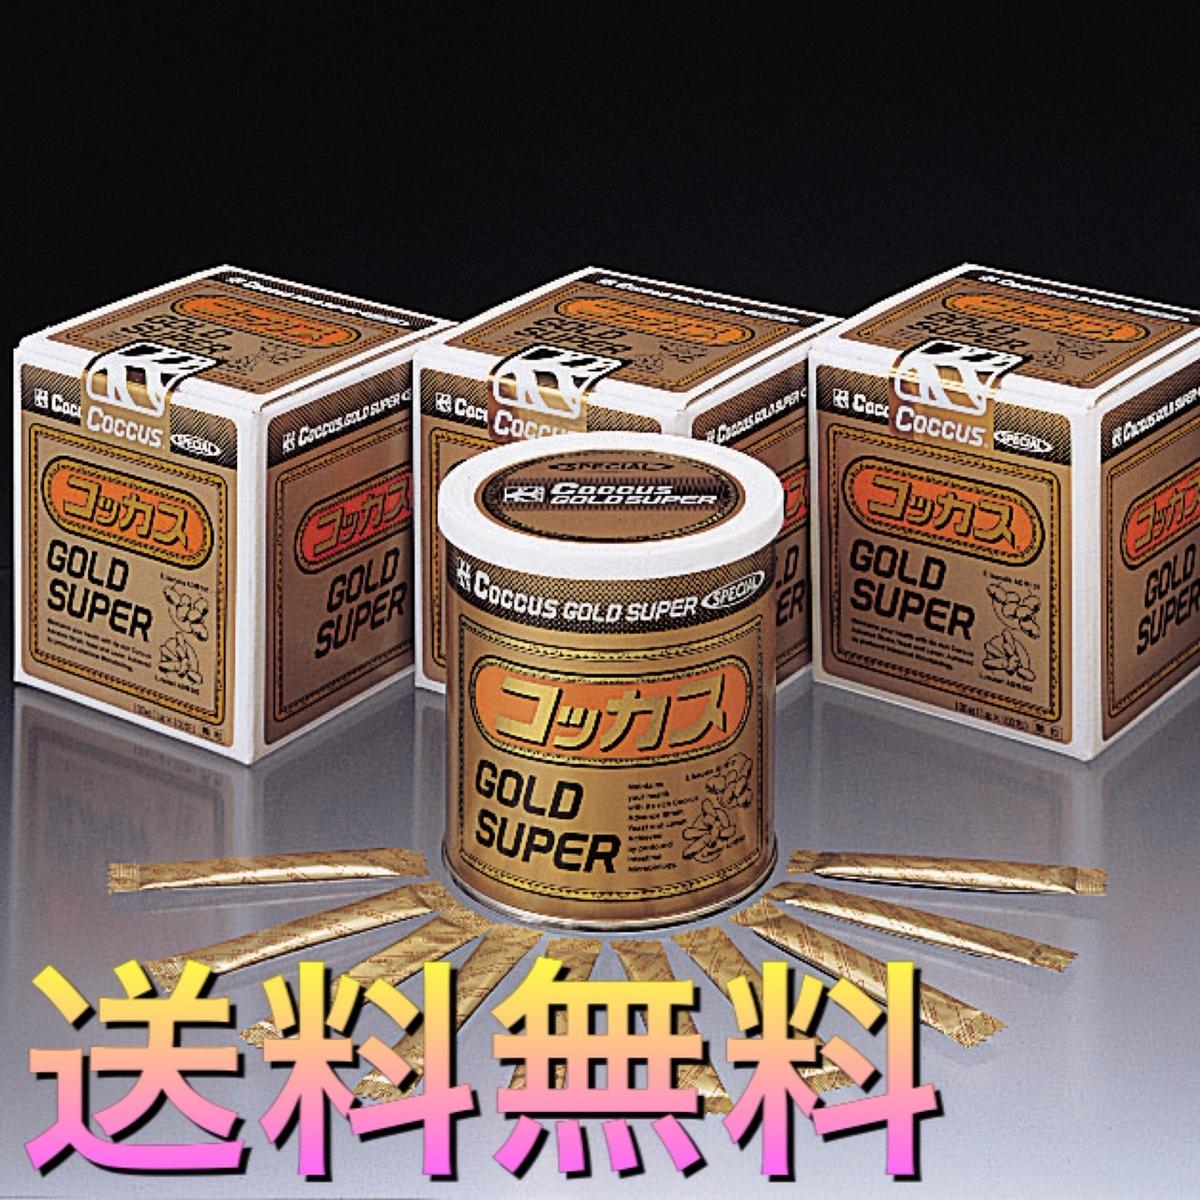 毎日の美容と健康に コッカス ゴールドスーパー 1缶 1gX100包入 健康食品 豪華な 機能性食品 フェカリス菌 ラクトバジルスロイデリー菌 付与 コッカス菌